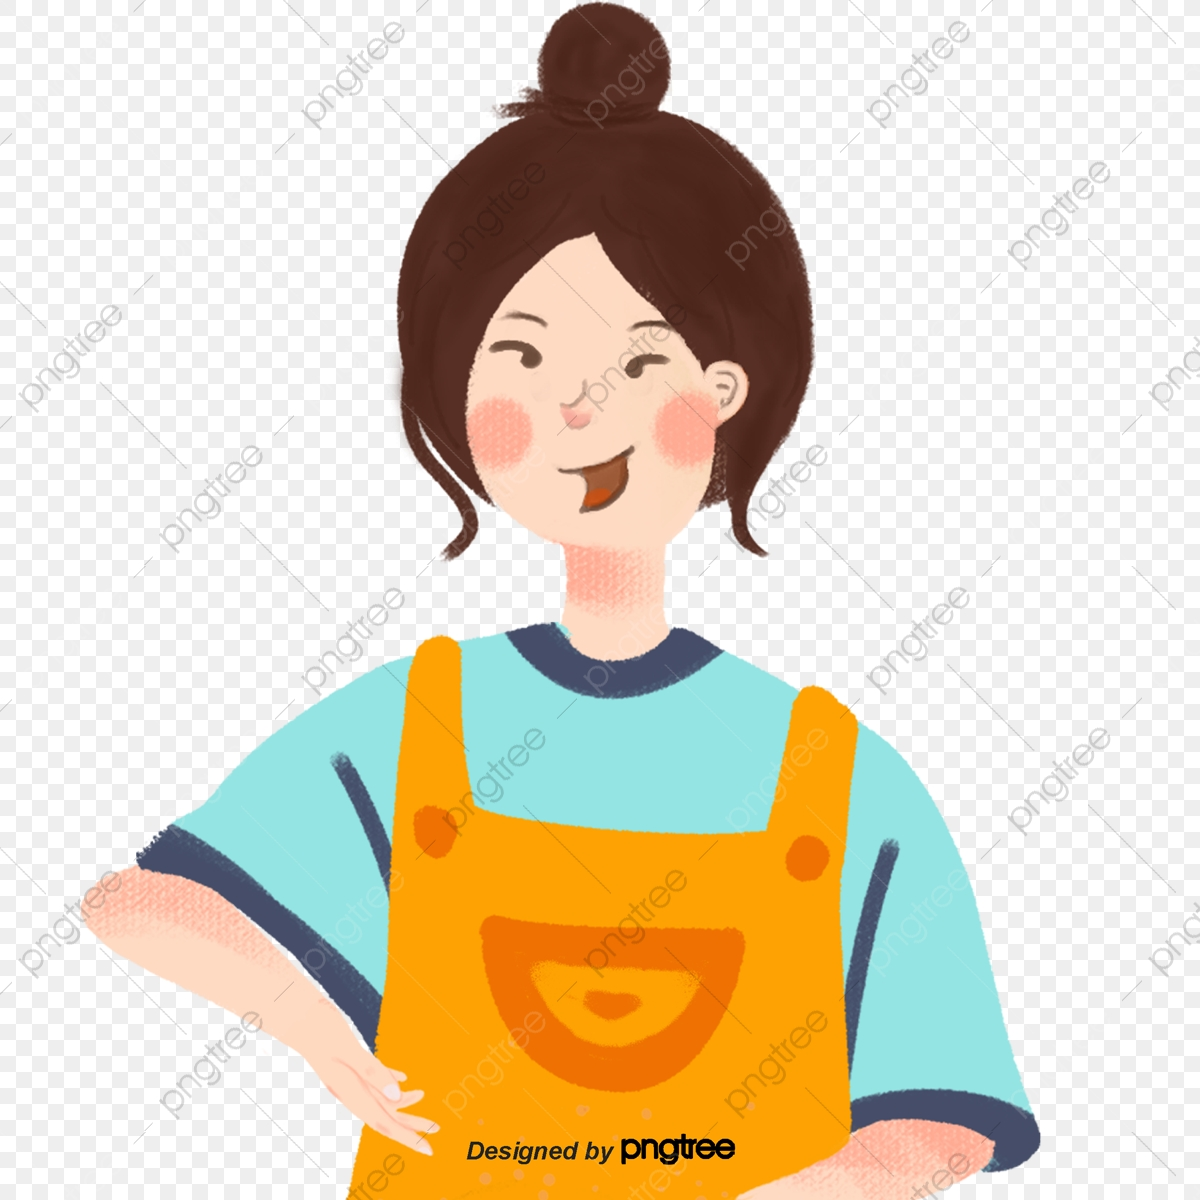 Gambar Kartun Kuning Apron Gadis Memasak Kartun Dapur Png Dan Psd Untuk Muat Turun Percuma